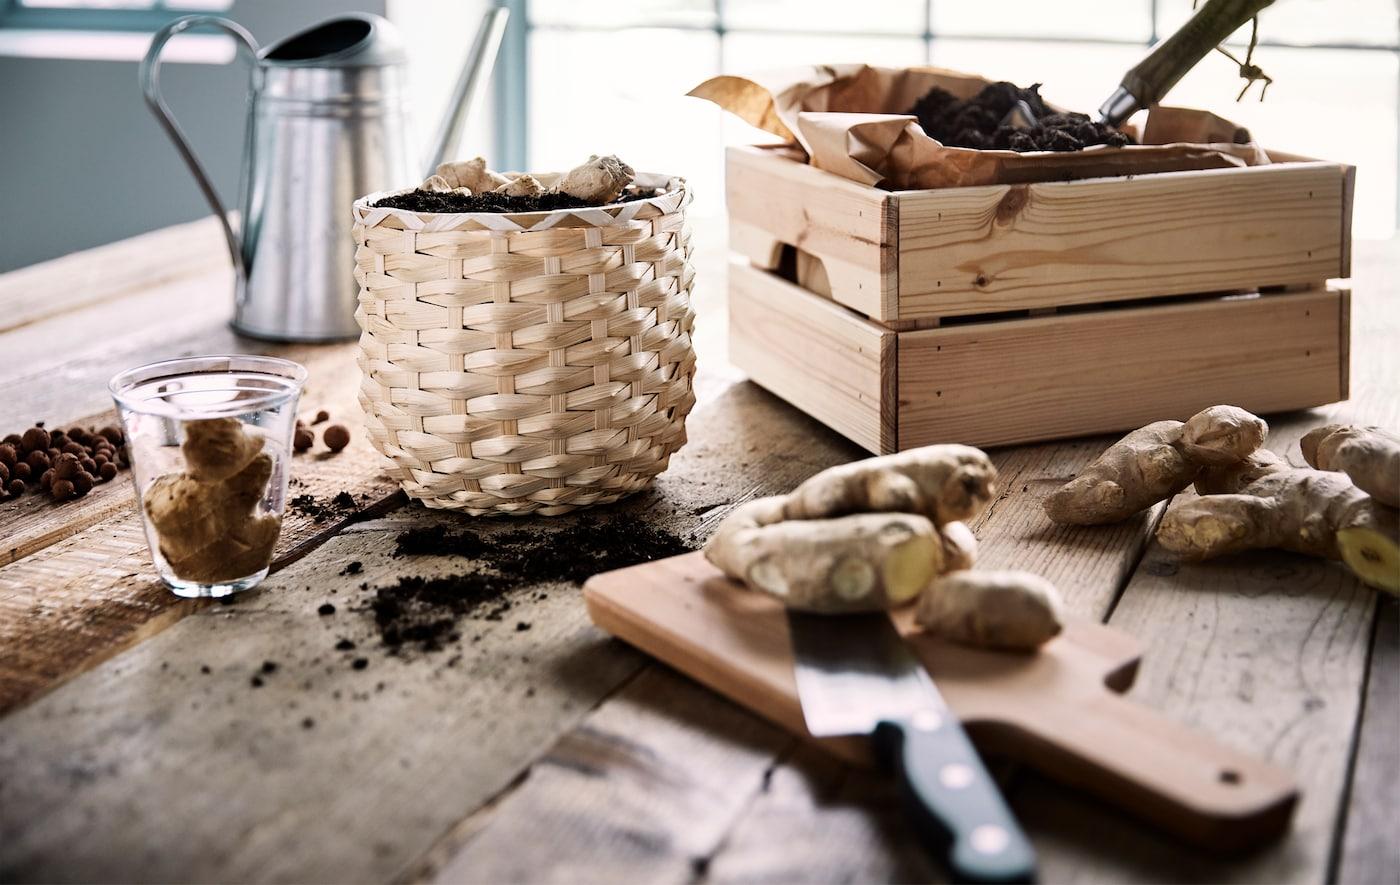 Rădăcini de ghimbir plantate într-un ghiveci de ratan lângă o cutie de lemn cu hârtie maro și pământ în interior, pe o masă de lemn.